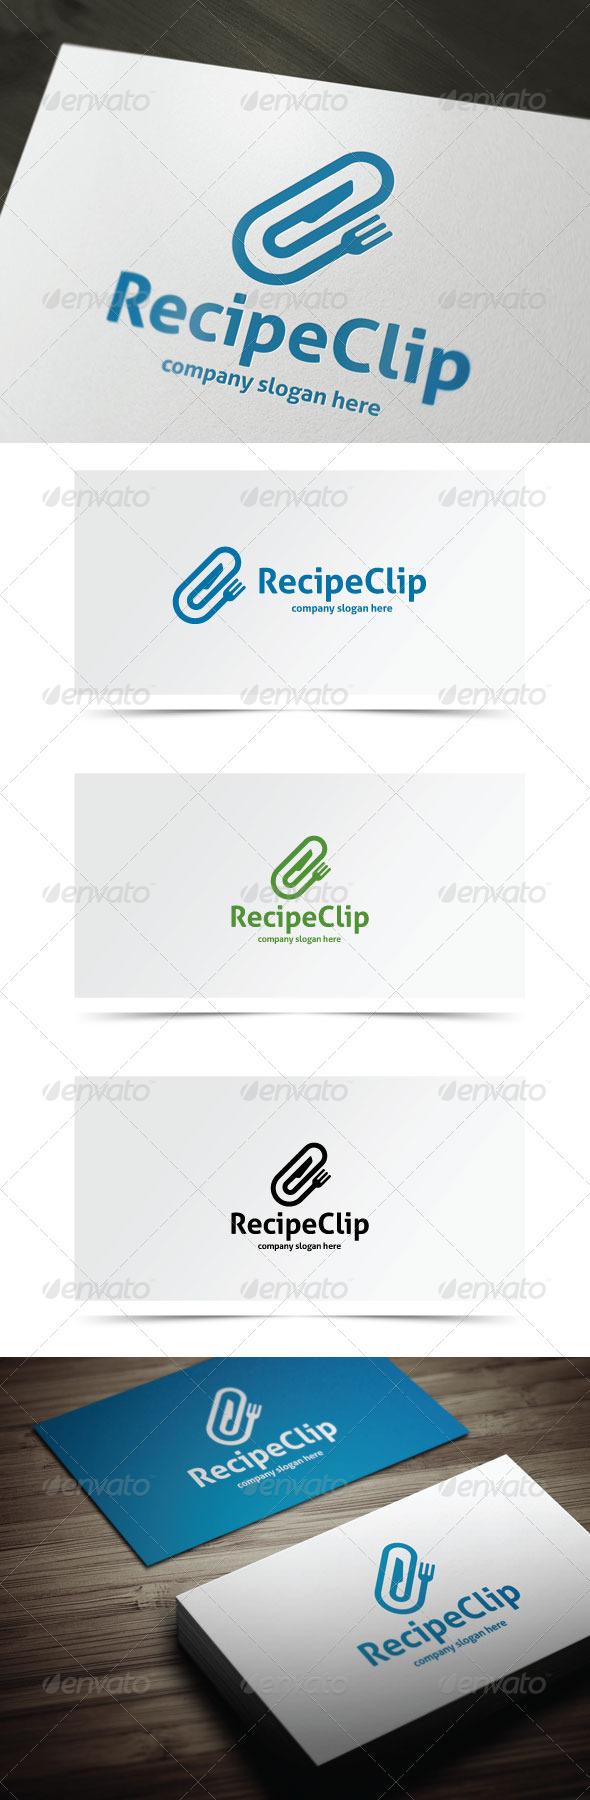 Recipe Clip